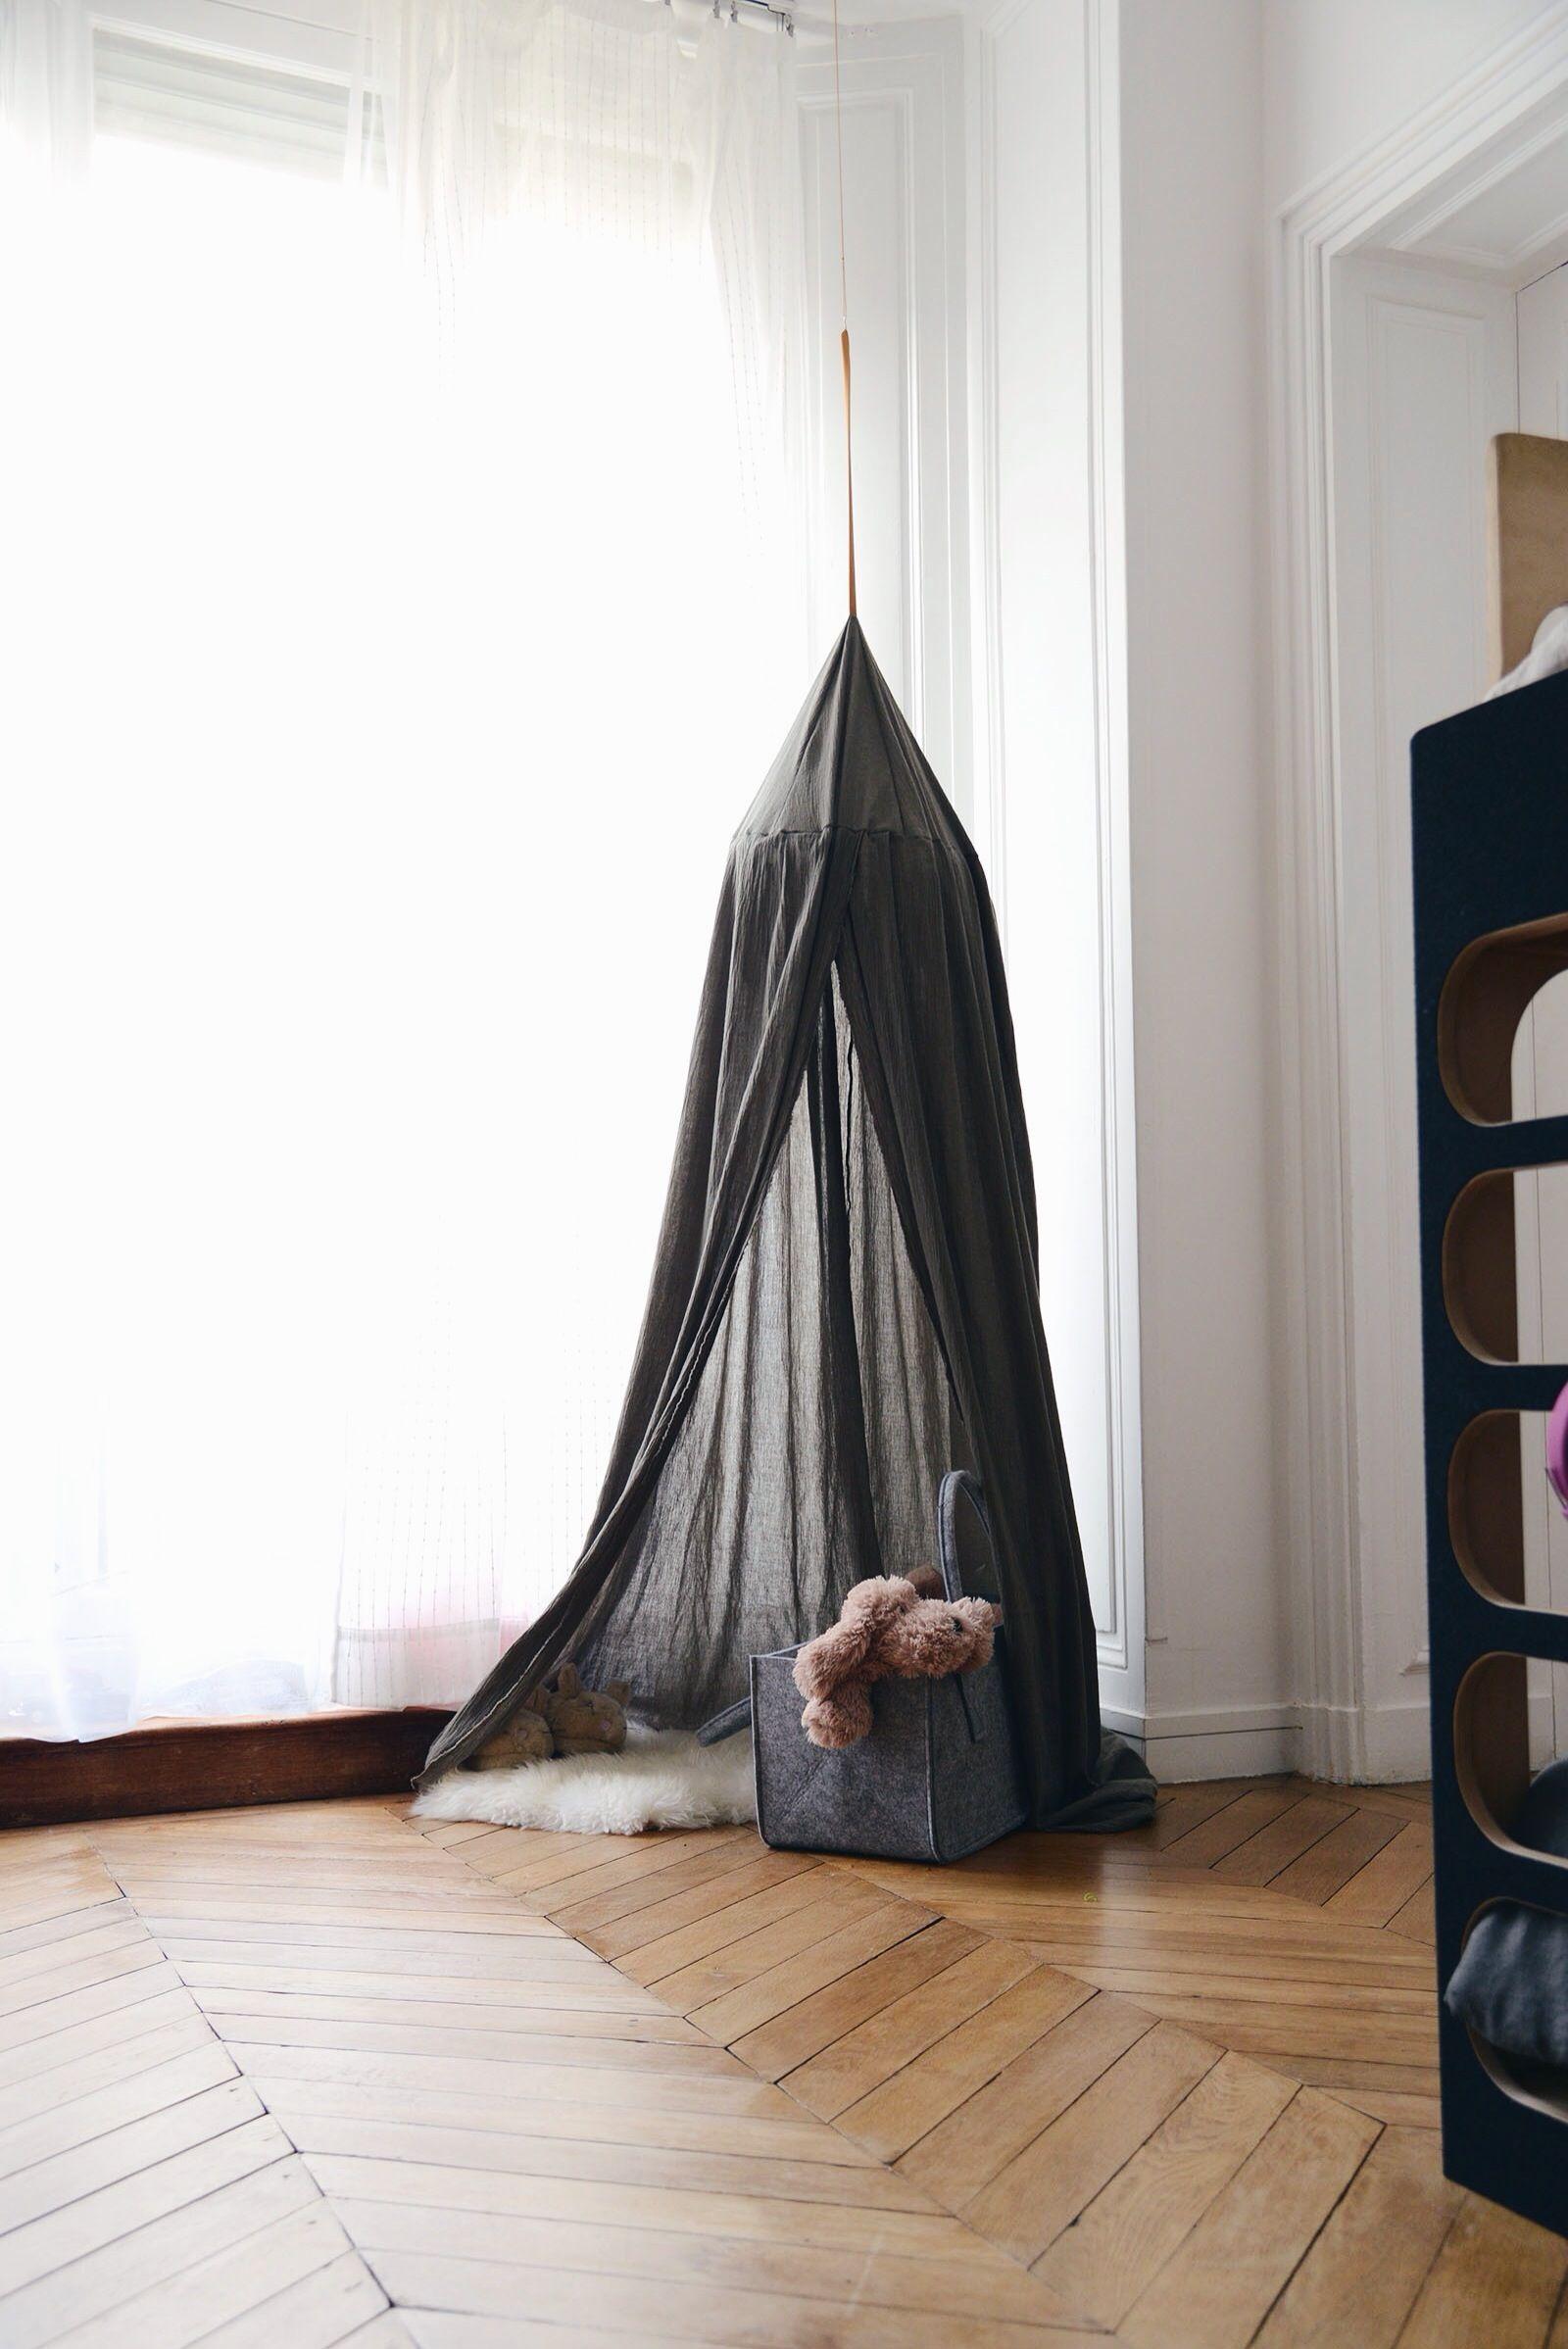 Tente Chambre Garcon dedans chambre pour deux enfants - fille et garçon - diy une tente | tipi